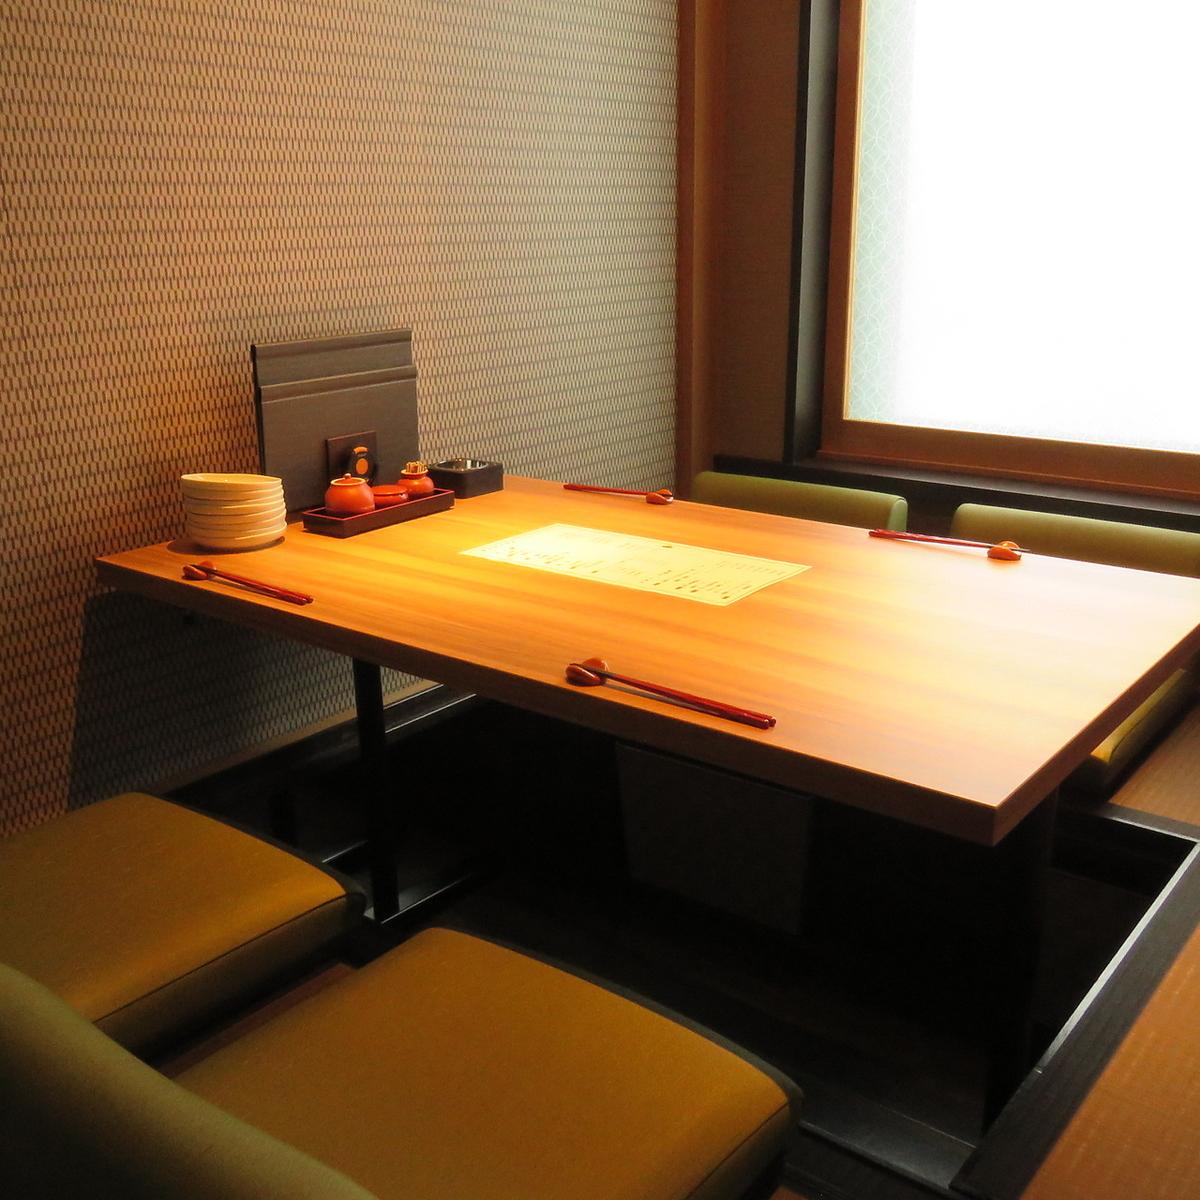 4名様個室は突発的なお食事や飲み会にも利用しやすい空間となています!